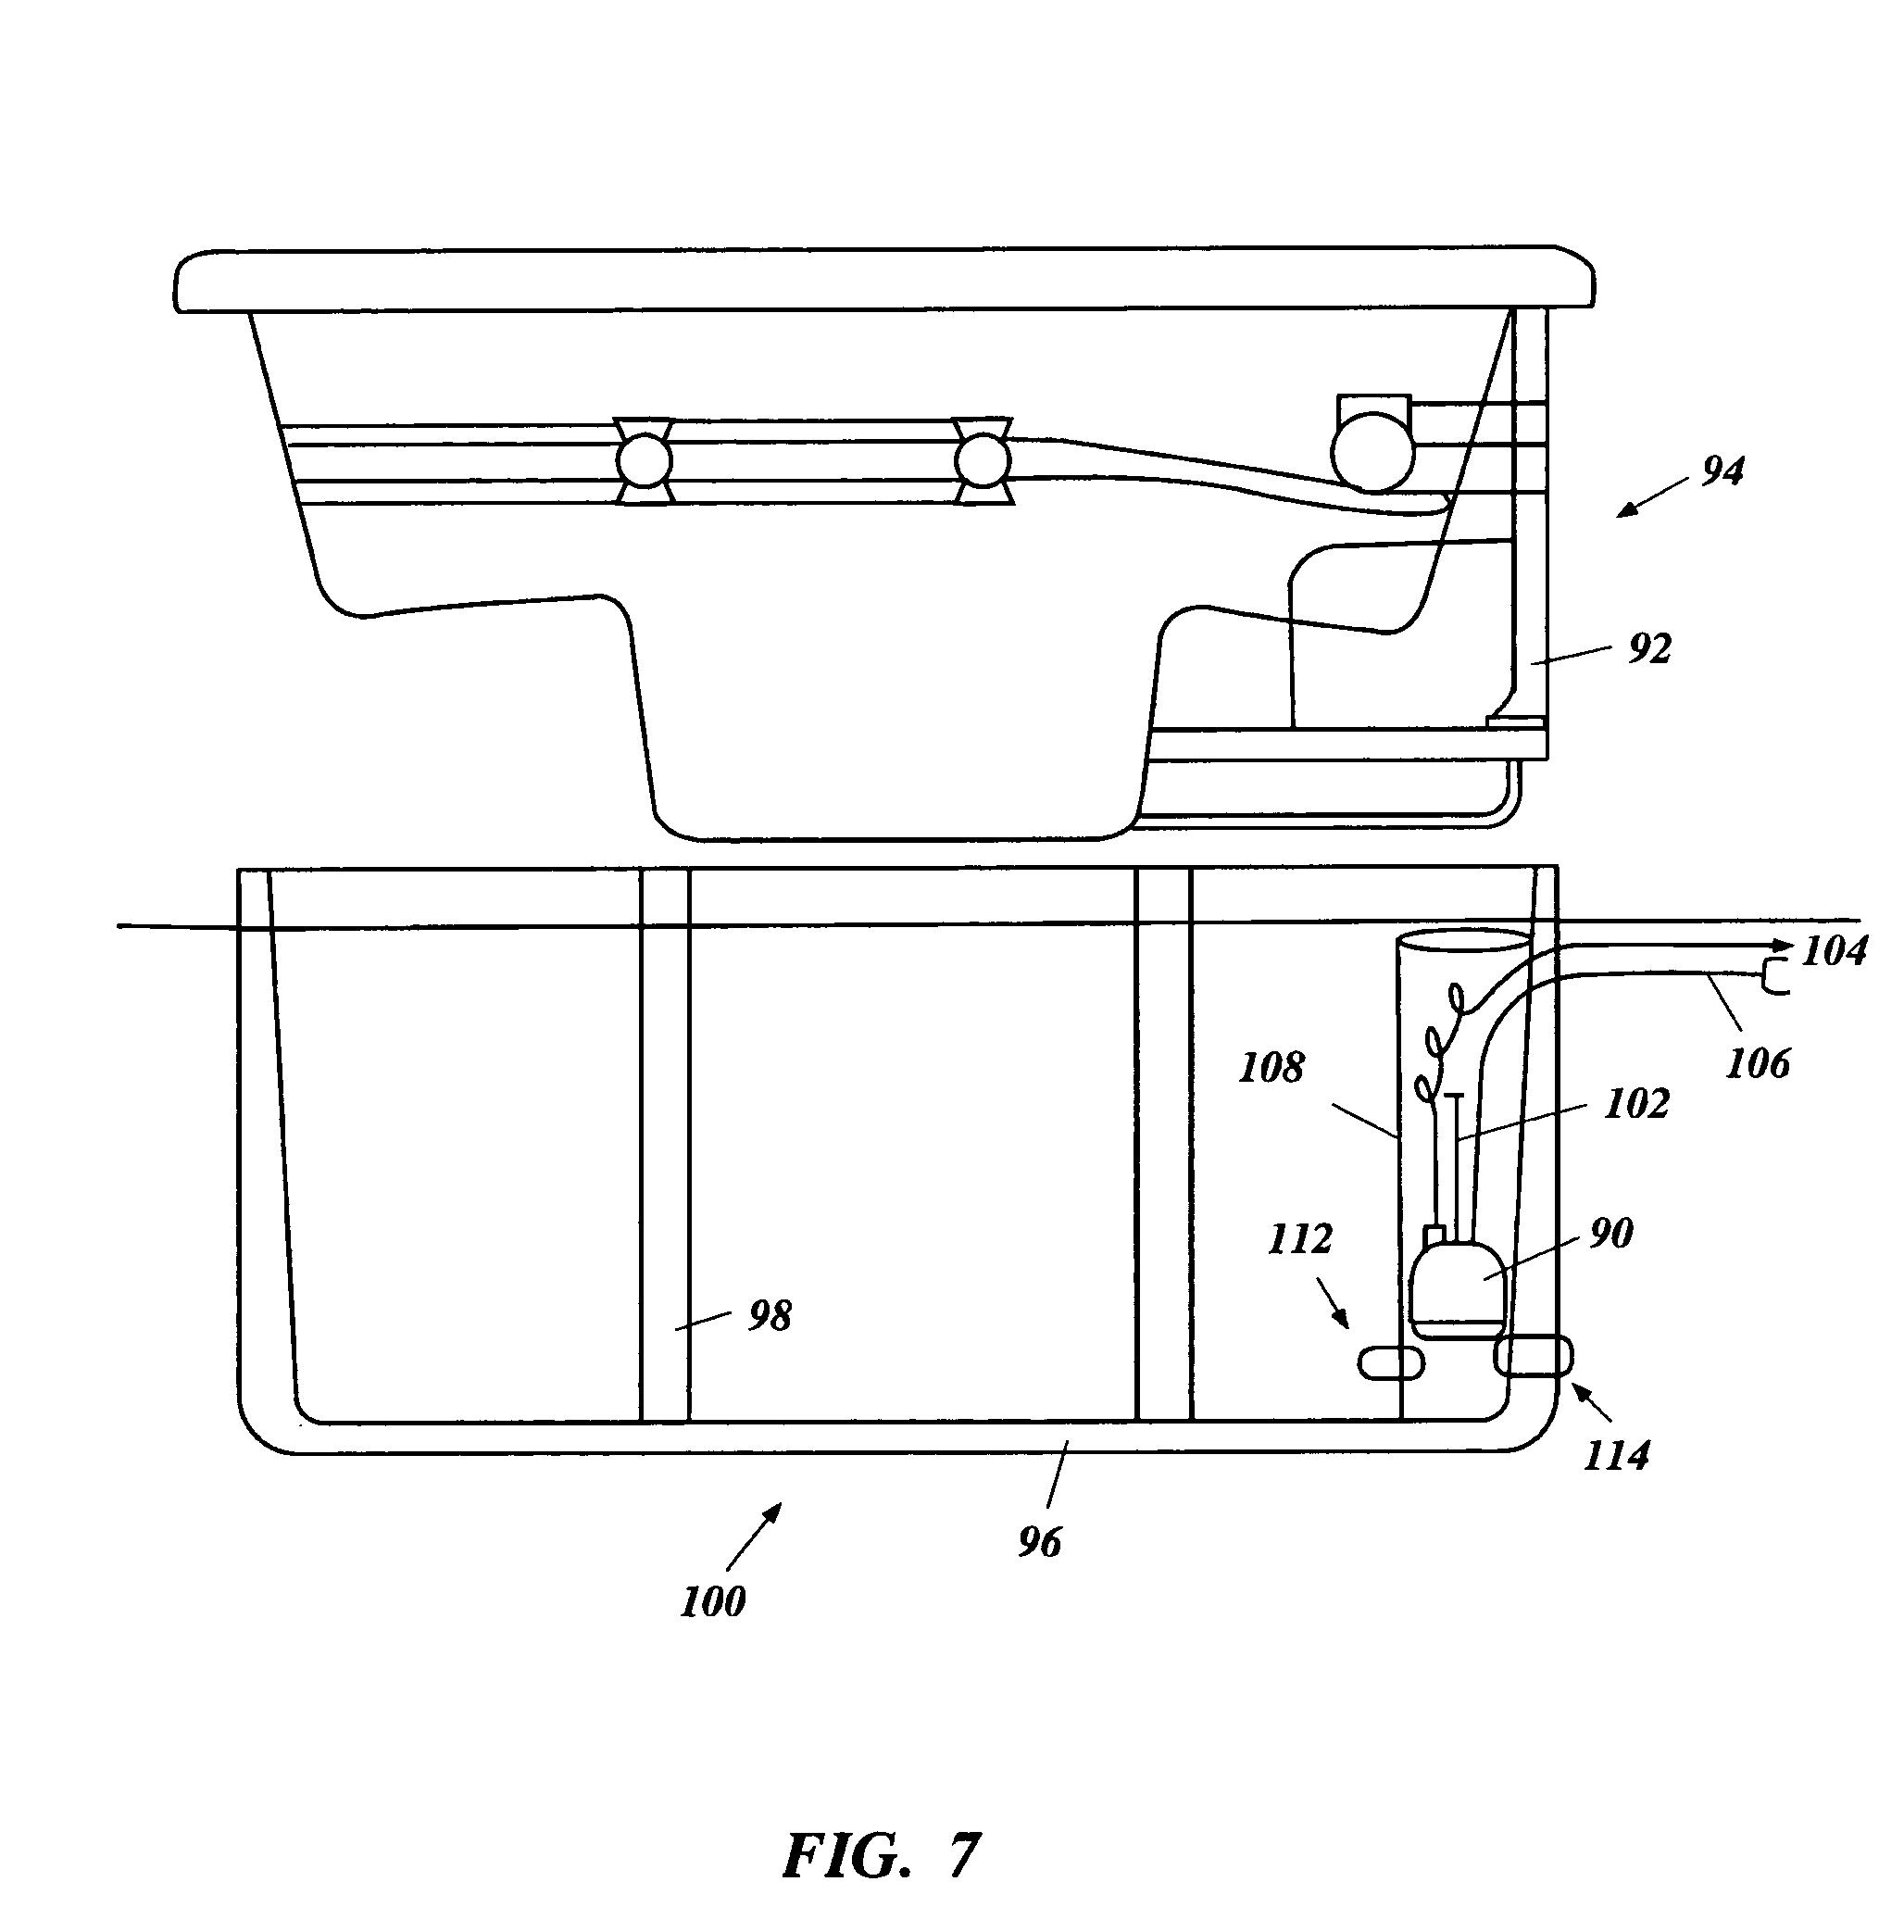 Patent US7020910